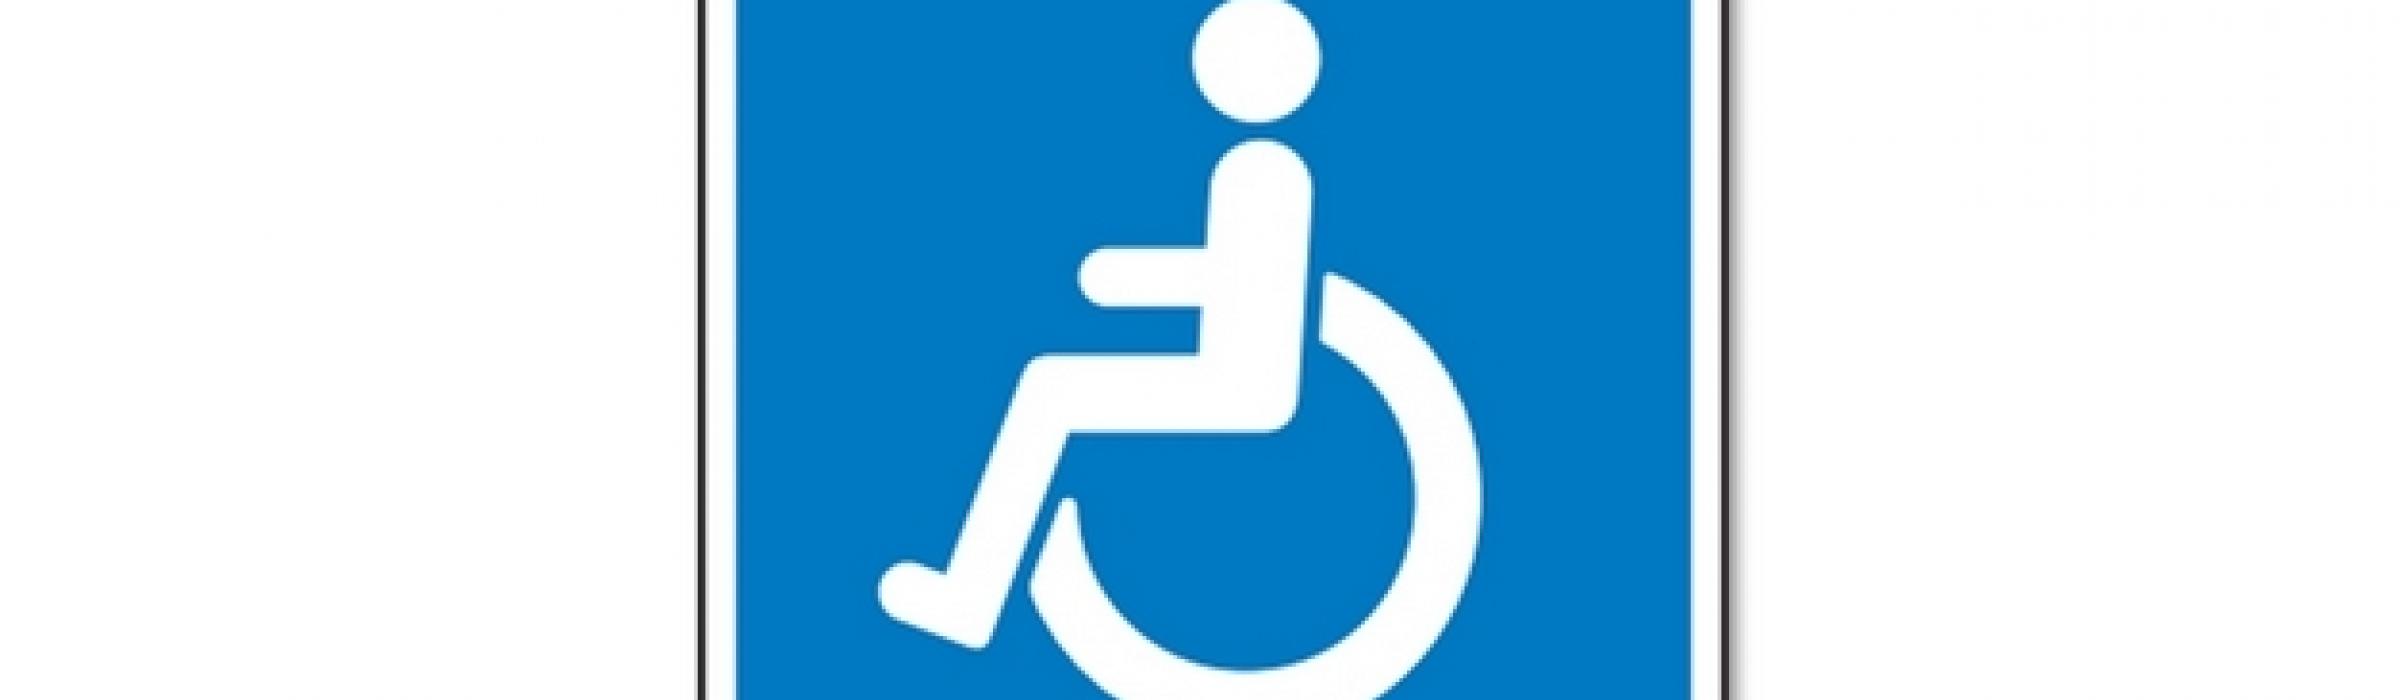 handicapskilt til bil